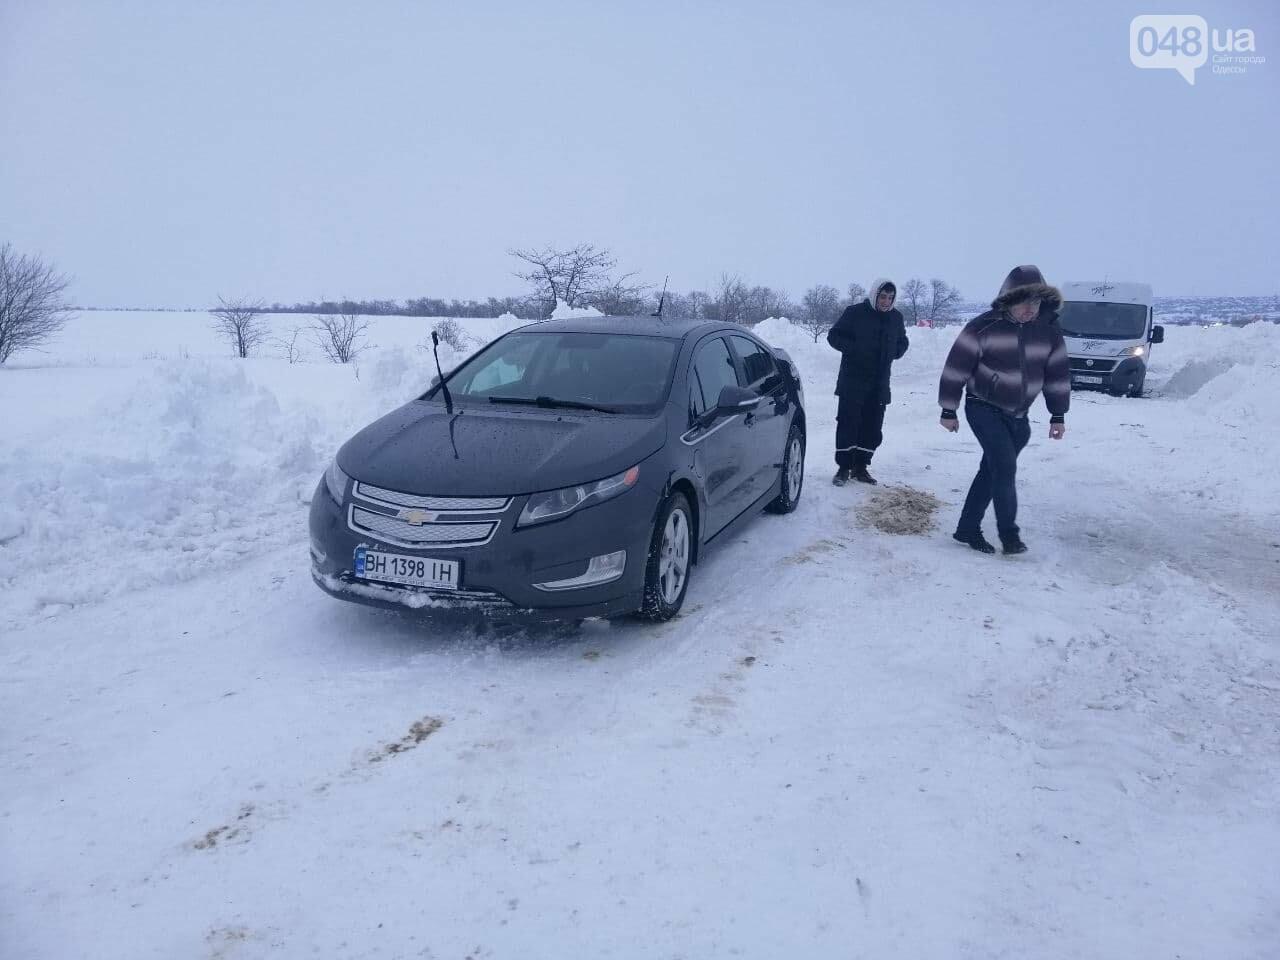 Трасса Одесса-Рени: брошенные автомобили, трактора и сугробы,- ВИДЕО, ФОТО, фото-5